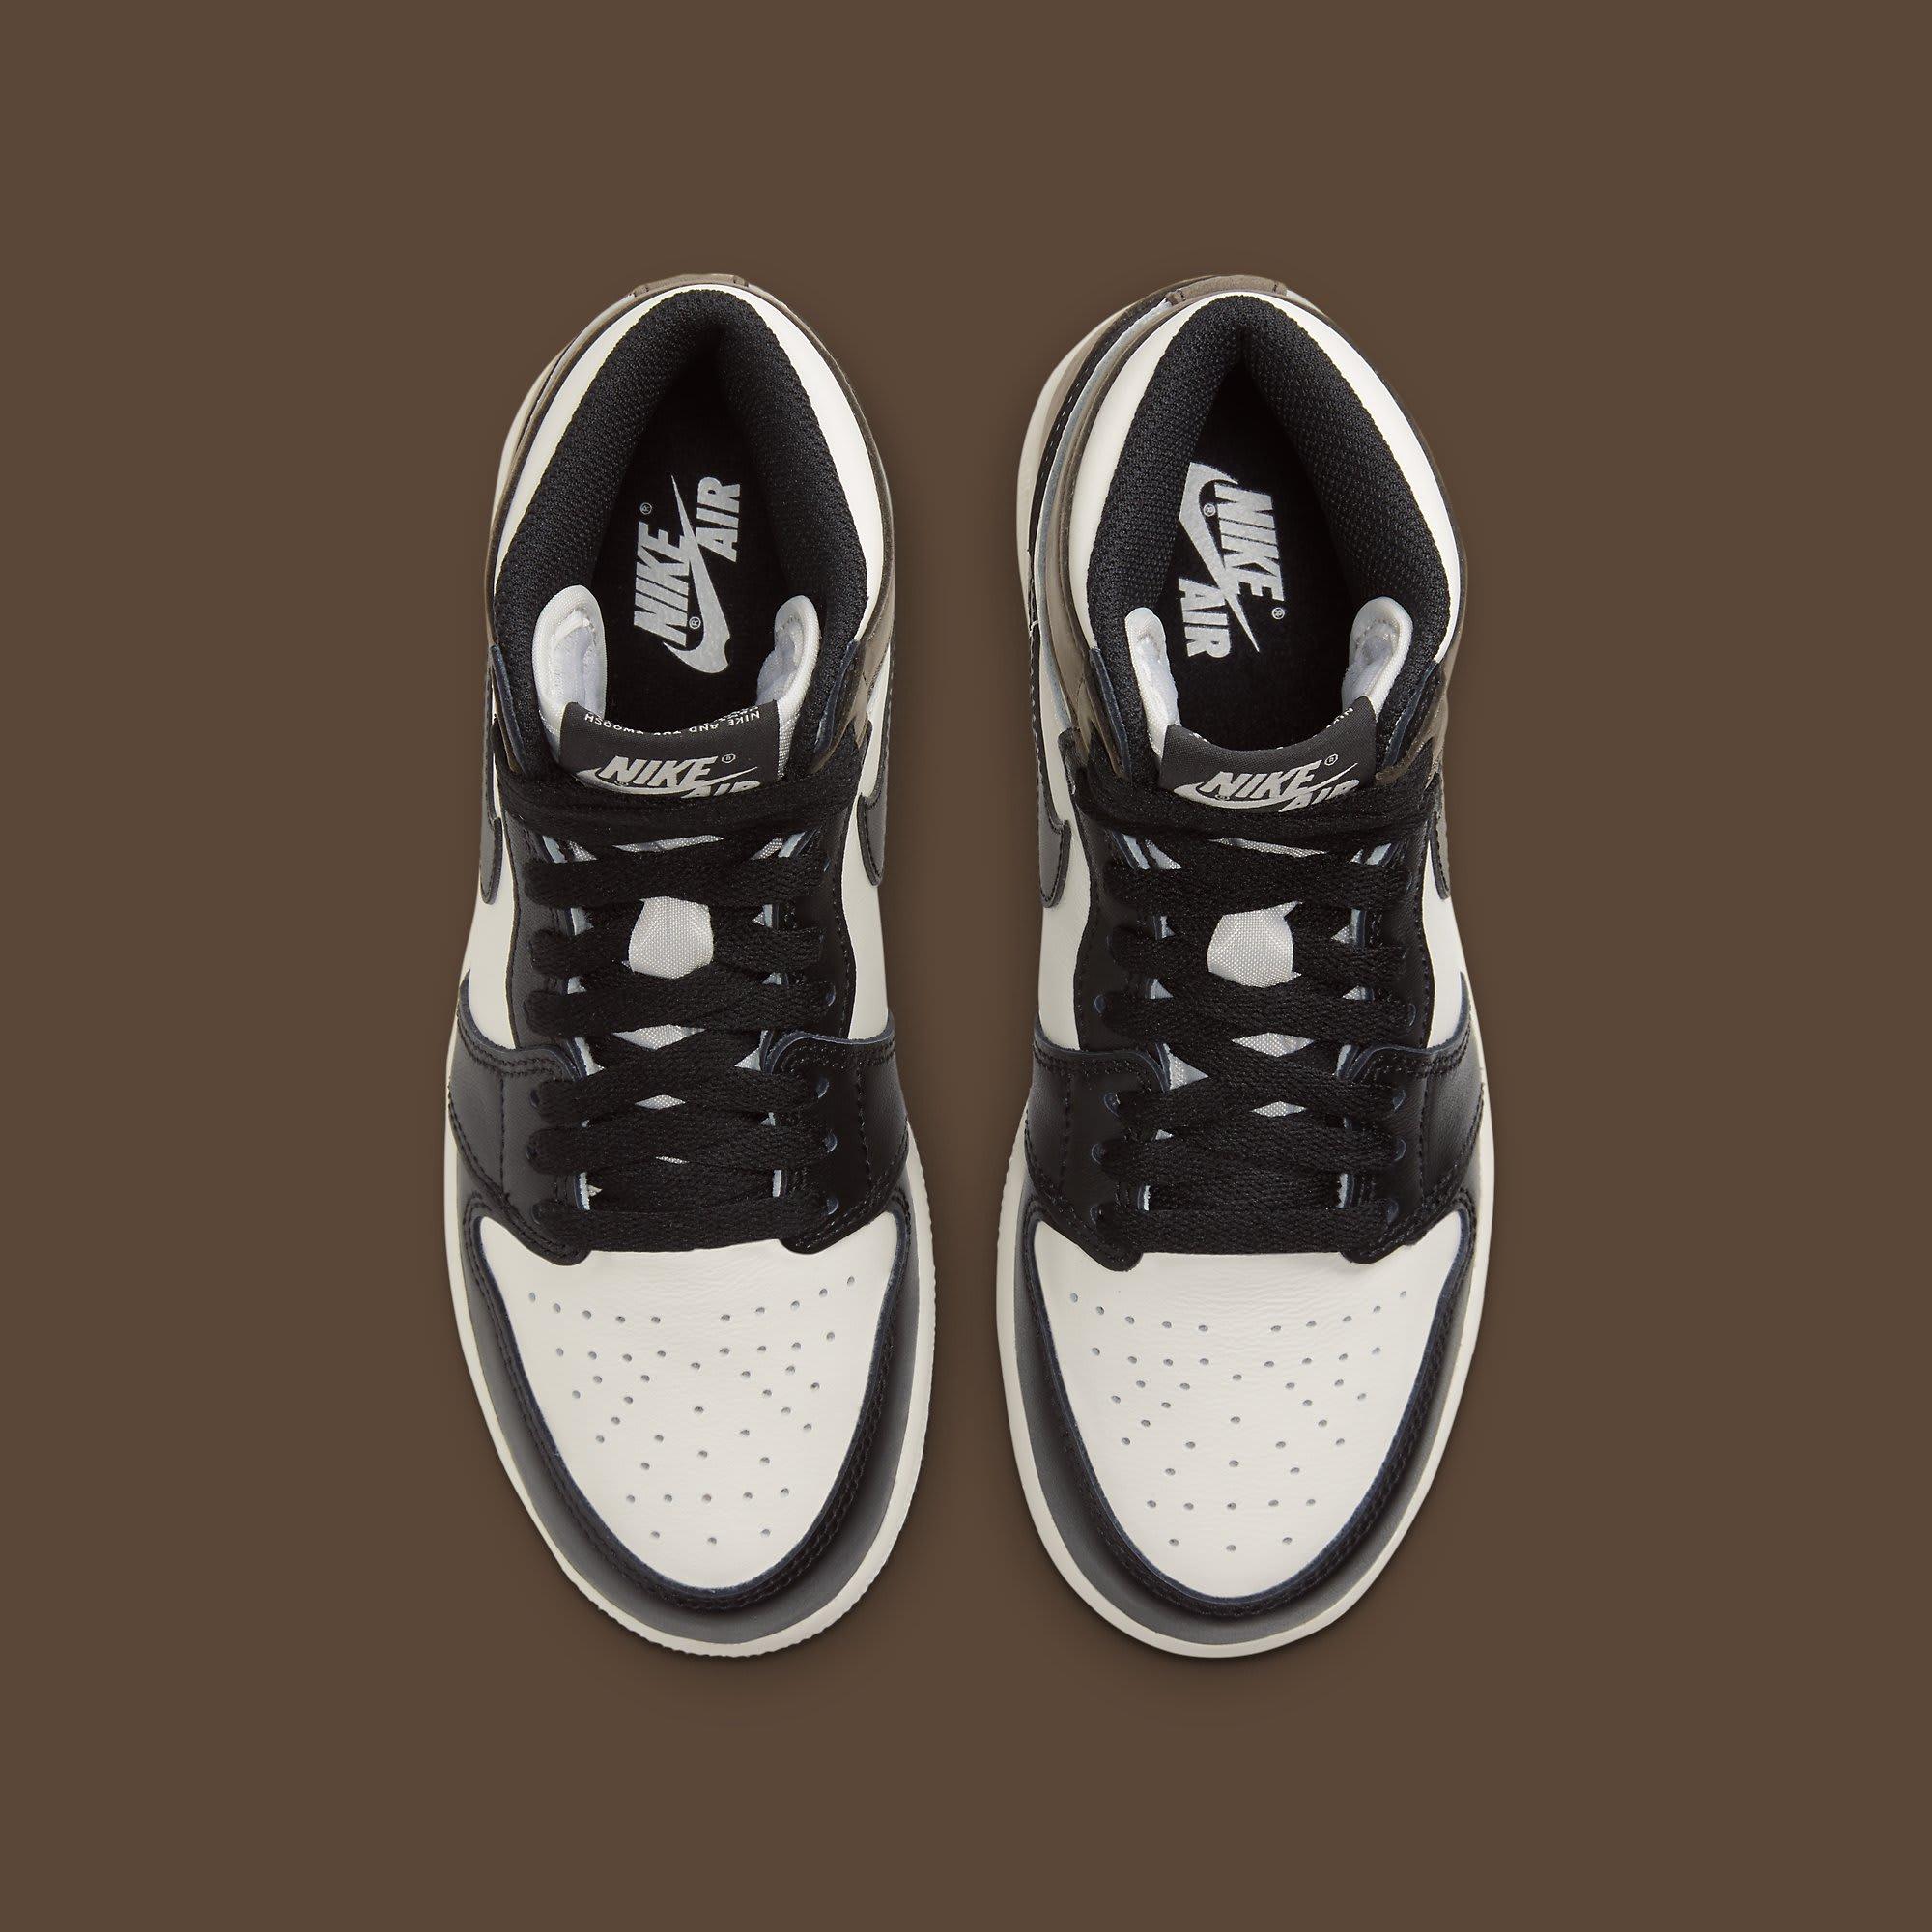 Air Jordan 1 Dark Mocha Release Date 555088-105 Top